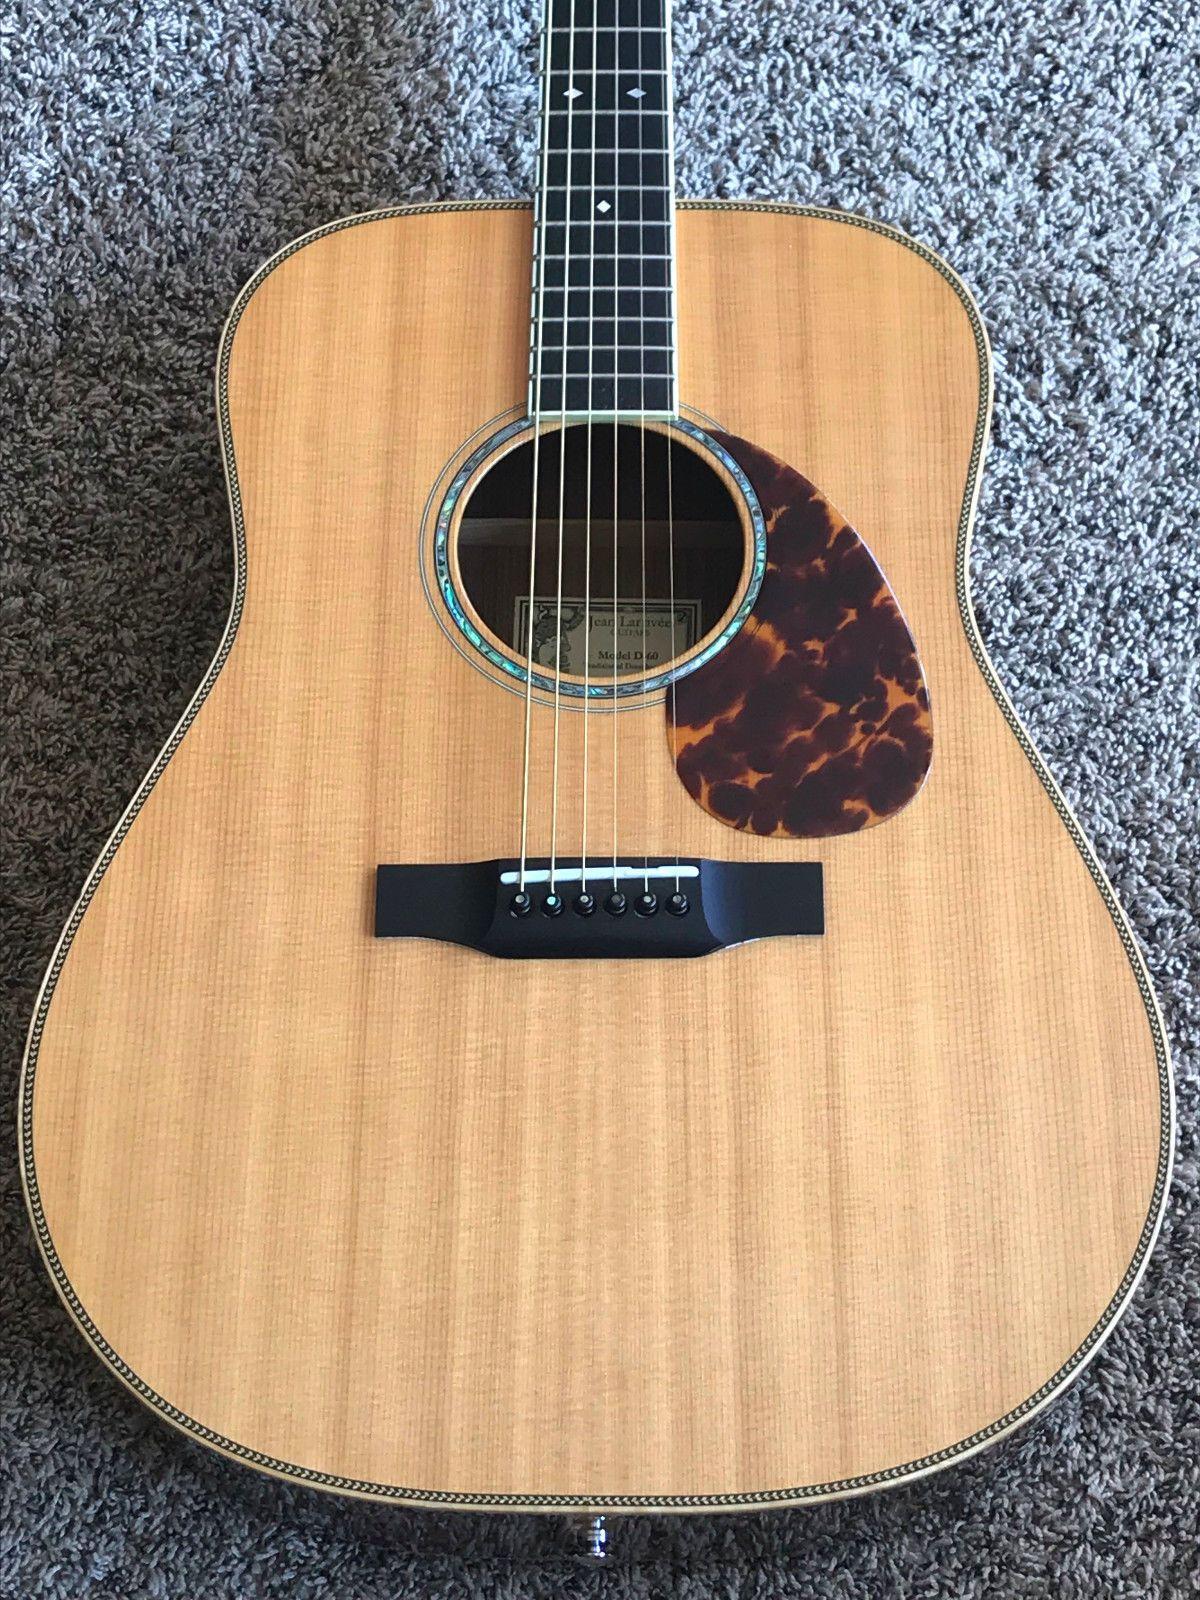 Larrivee D 60 Beautiful Dreadnaught Acoustic Guitar Guitar Acoustic Guitar Electric Guitar Design